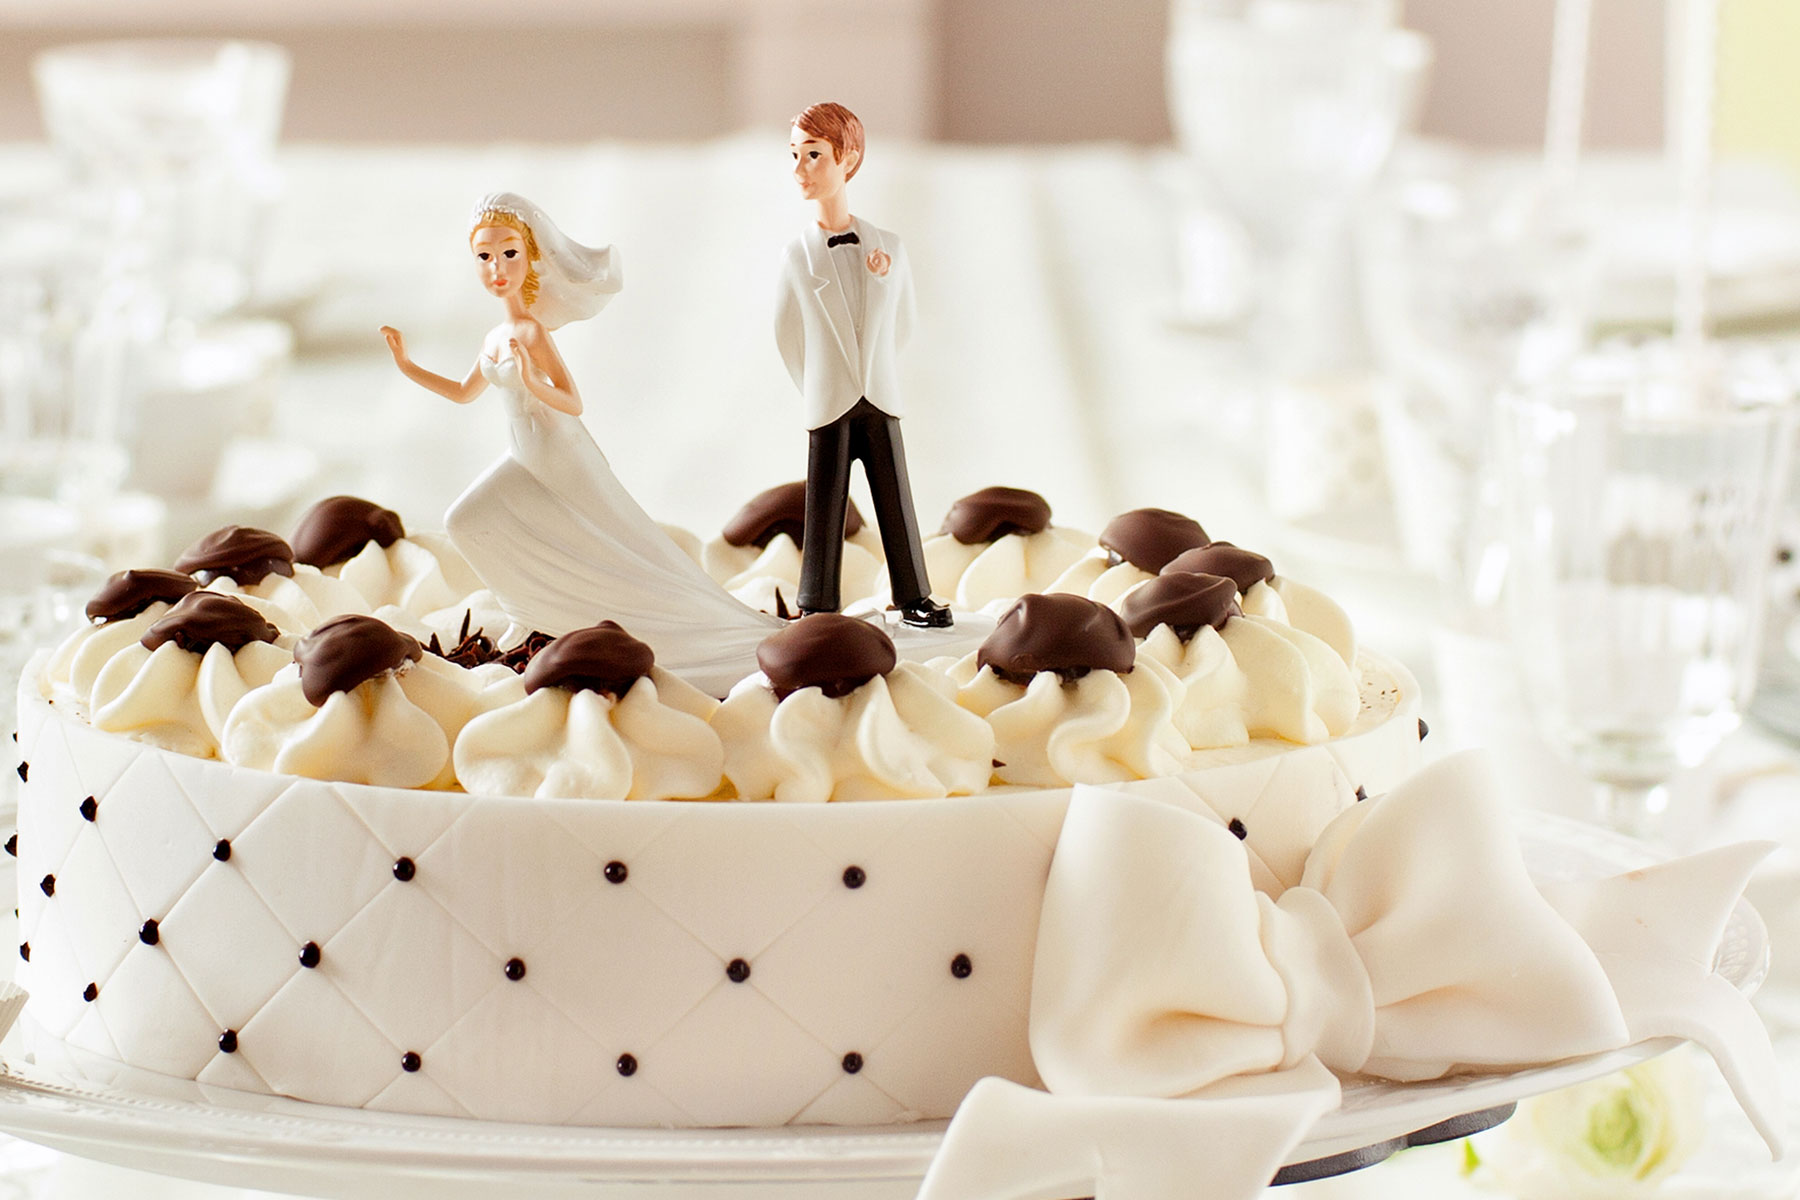 Hochwertige Hochzeitstortenfiguren lustig als Dekoration von Torten und Co.